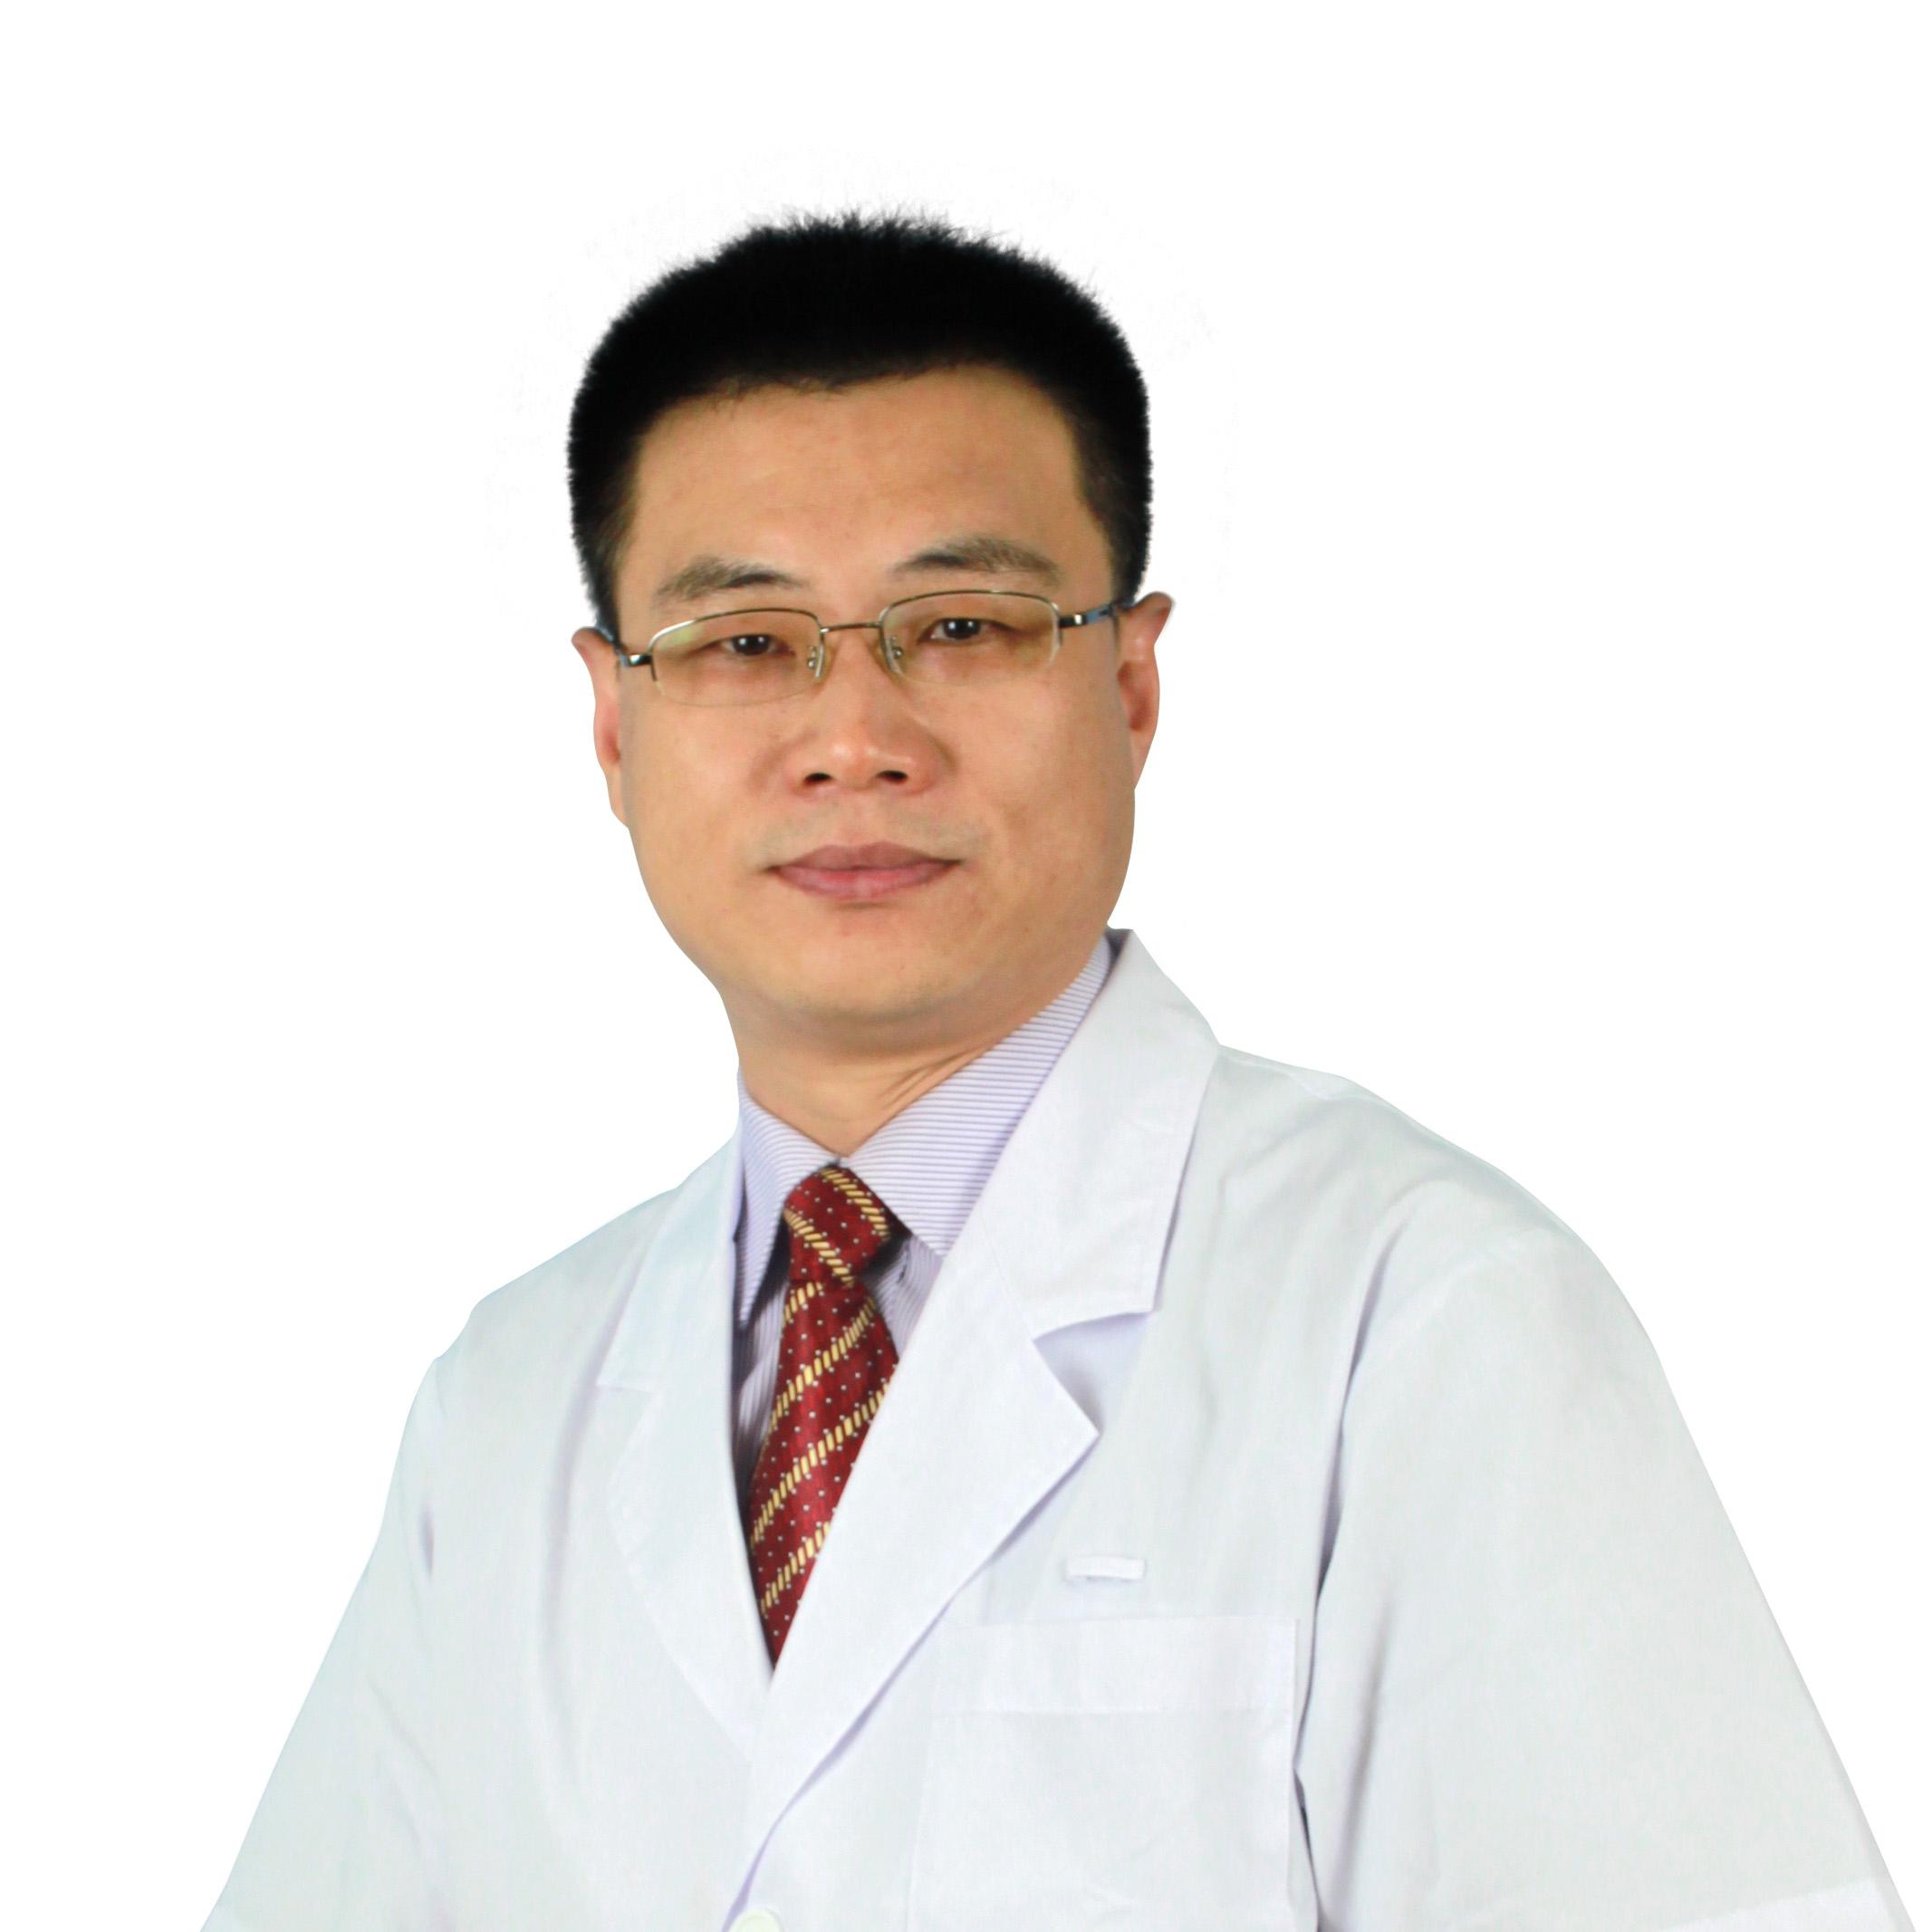 马中卫医生